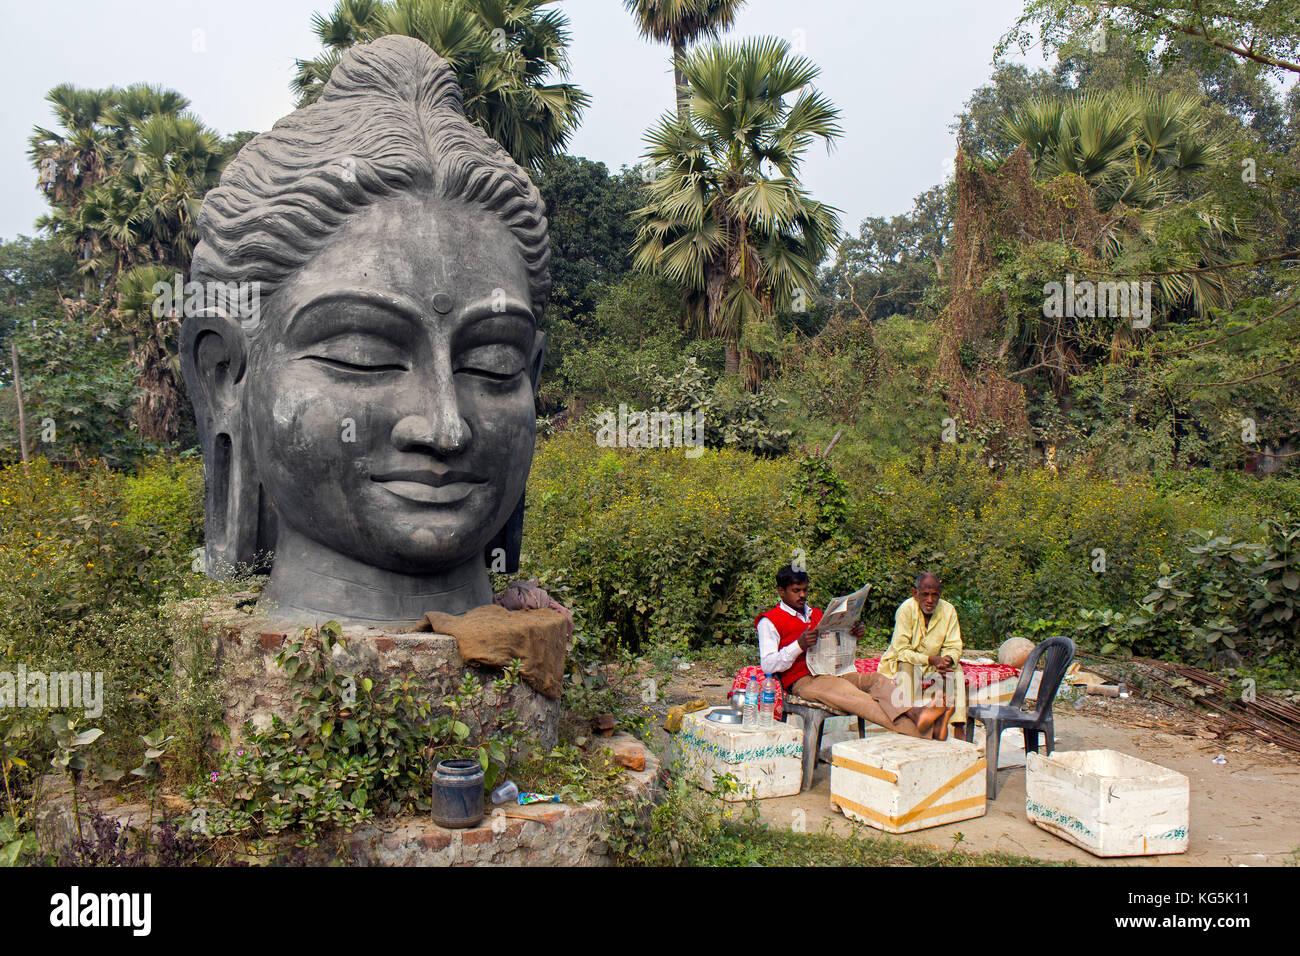 Zwei indische Männer ruhen in einem Hinterhof mit einem Hugh buddha Kopf mit Blick auf die Szene Stockbild